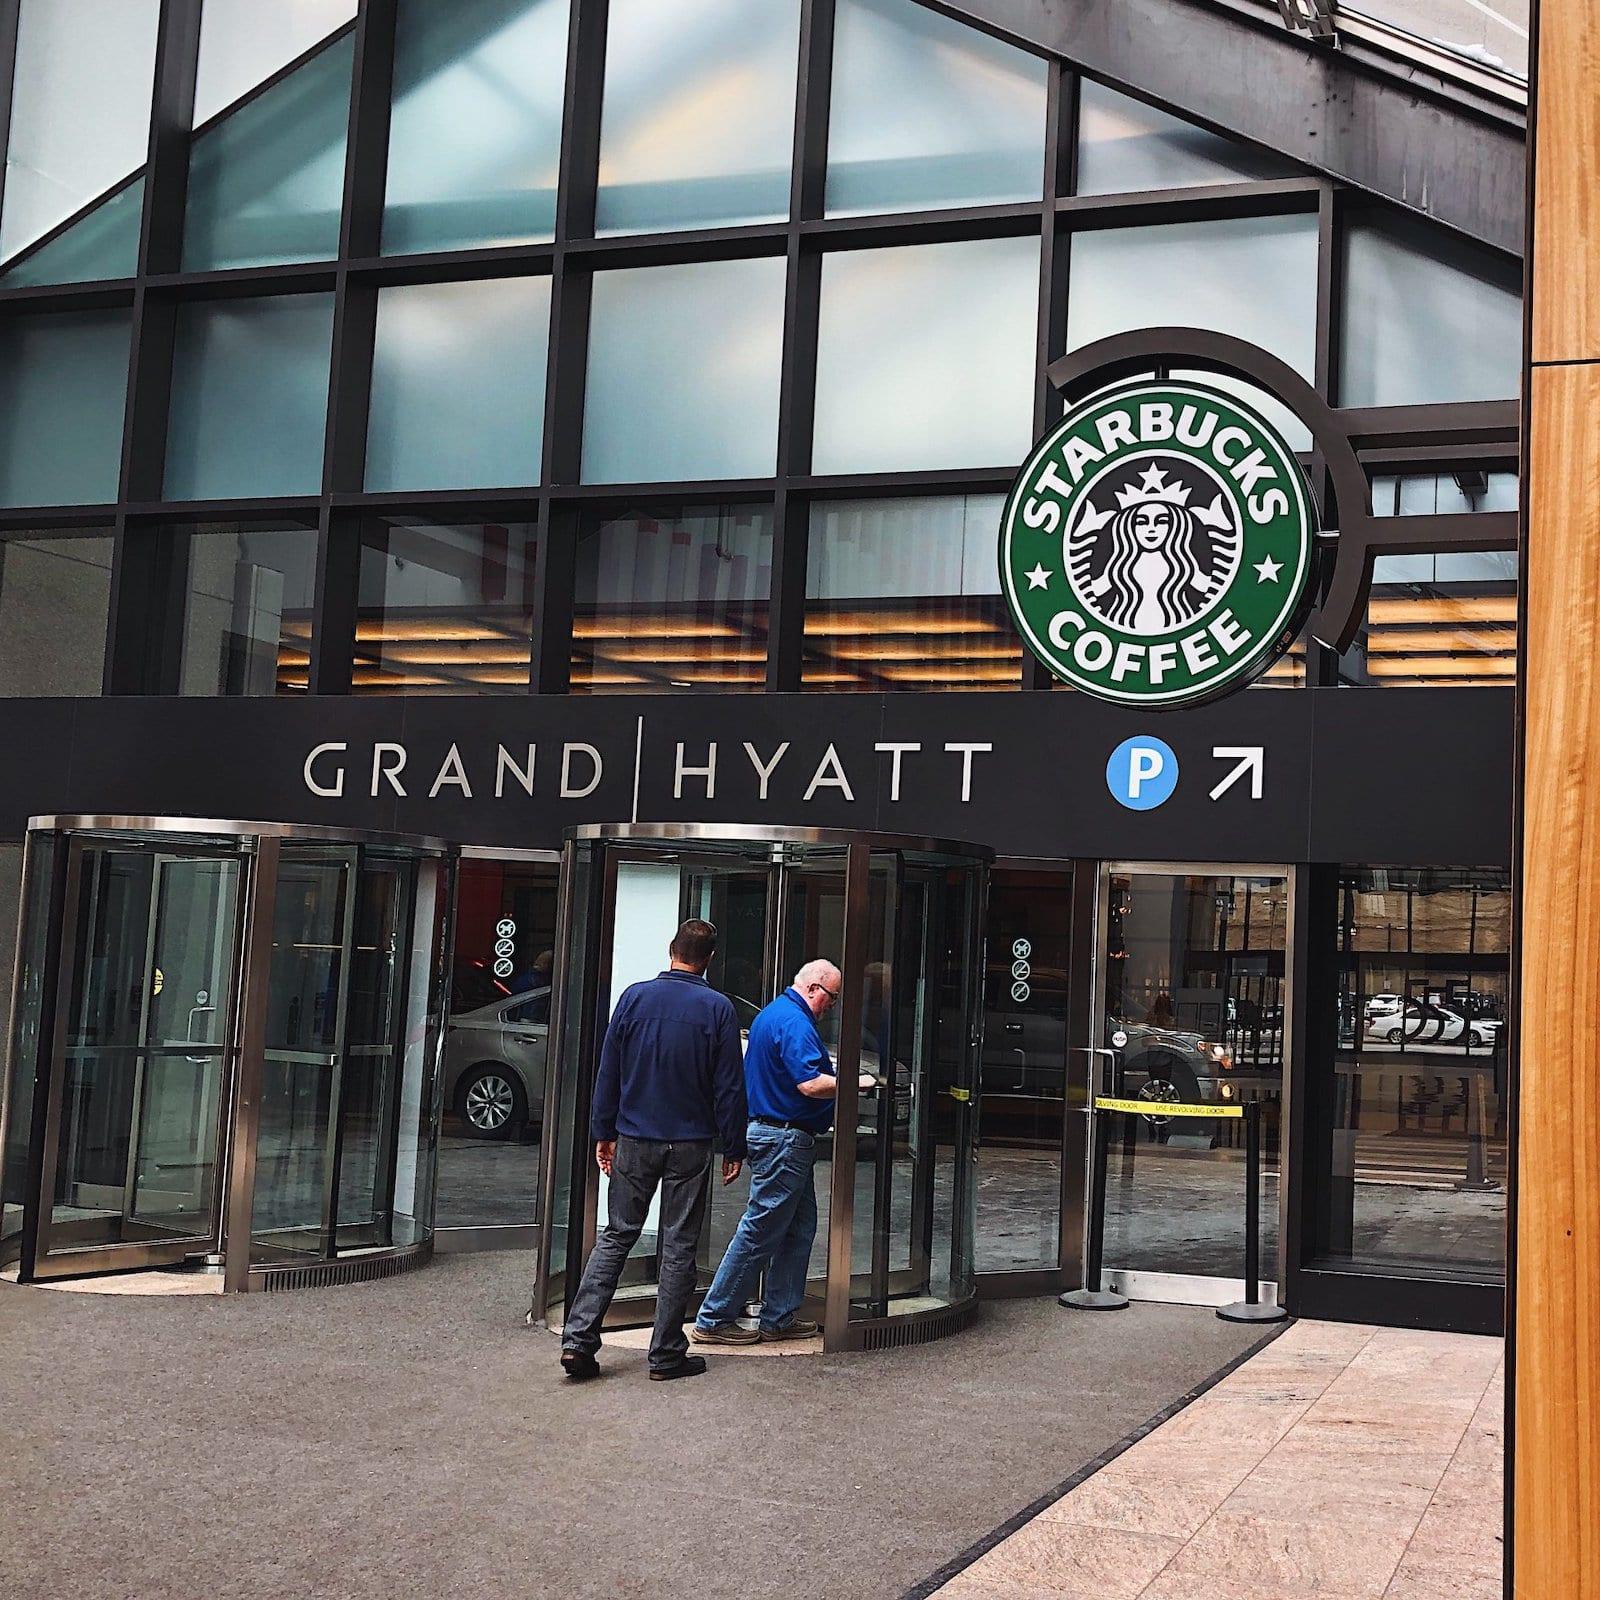 Starbucks coffee at Grand Hyatt Denver, Co